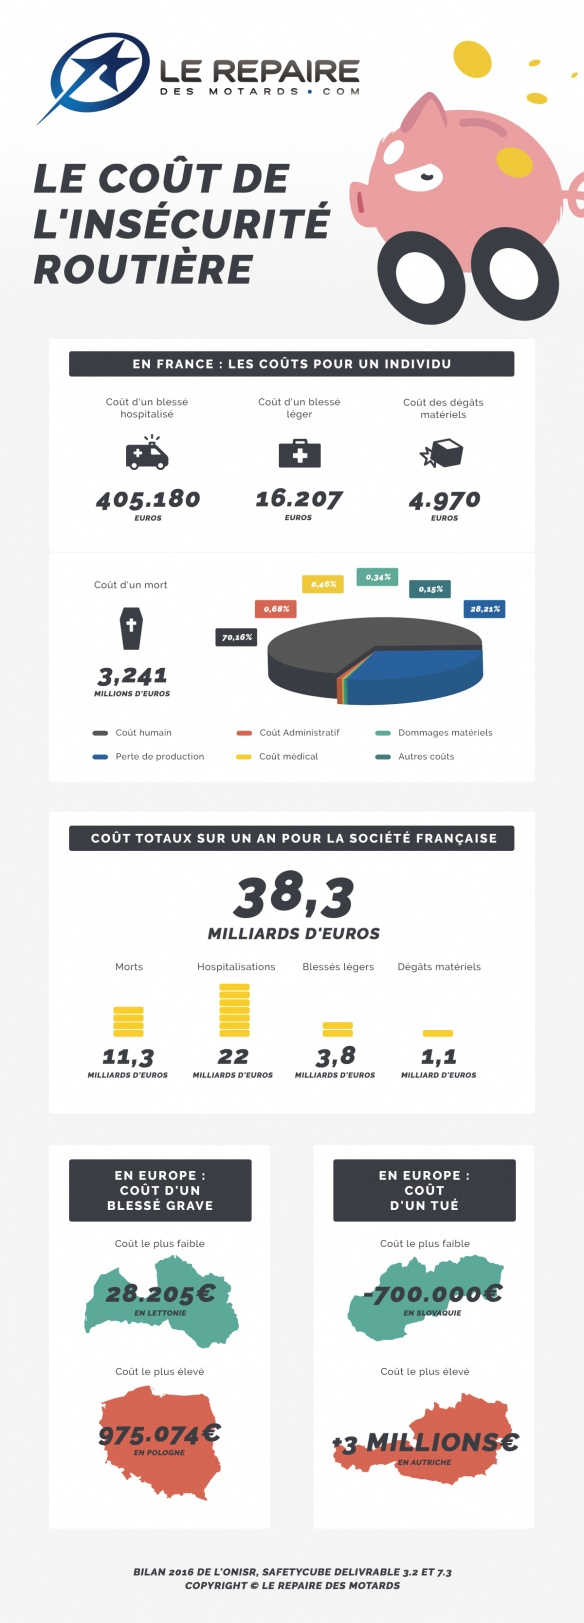 Le coût de l'insécurité routière Cout-insecurite-routiere-infographie